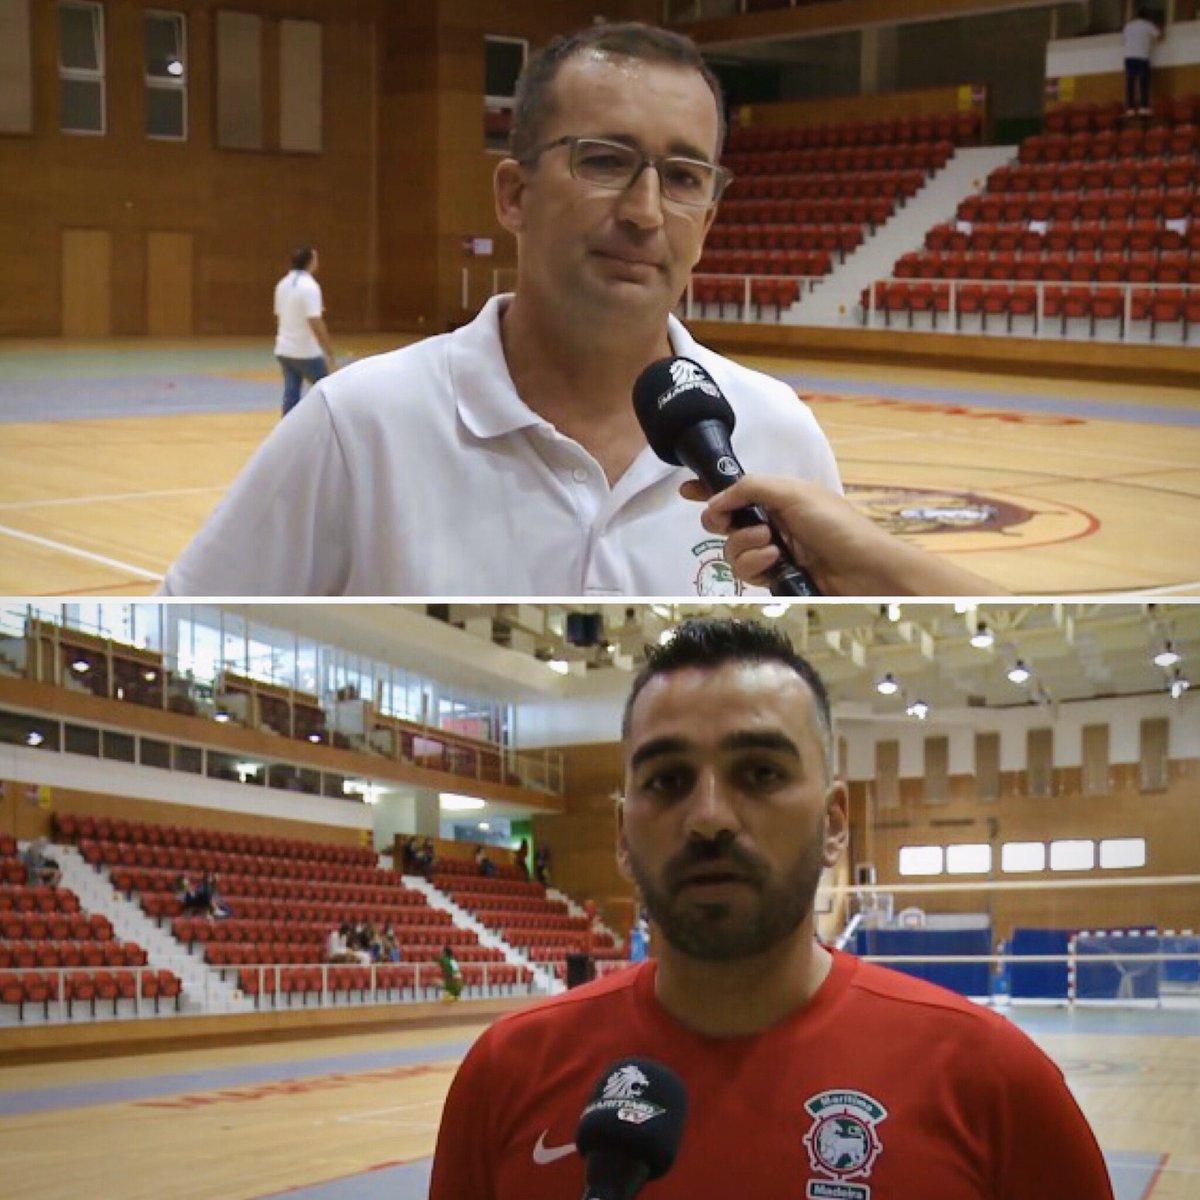 Andebol e Voleibol são o tema do «Marítimo na TSF» desta sexta-feira 🗓  Acompanha a emissão a partir das 13h00 em: 📻 100.0 FM  #CSMaritimo #MaritimonaTSF https://t.co/oB01w1hU6q